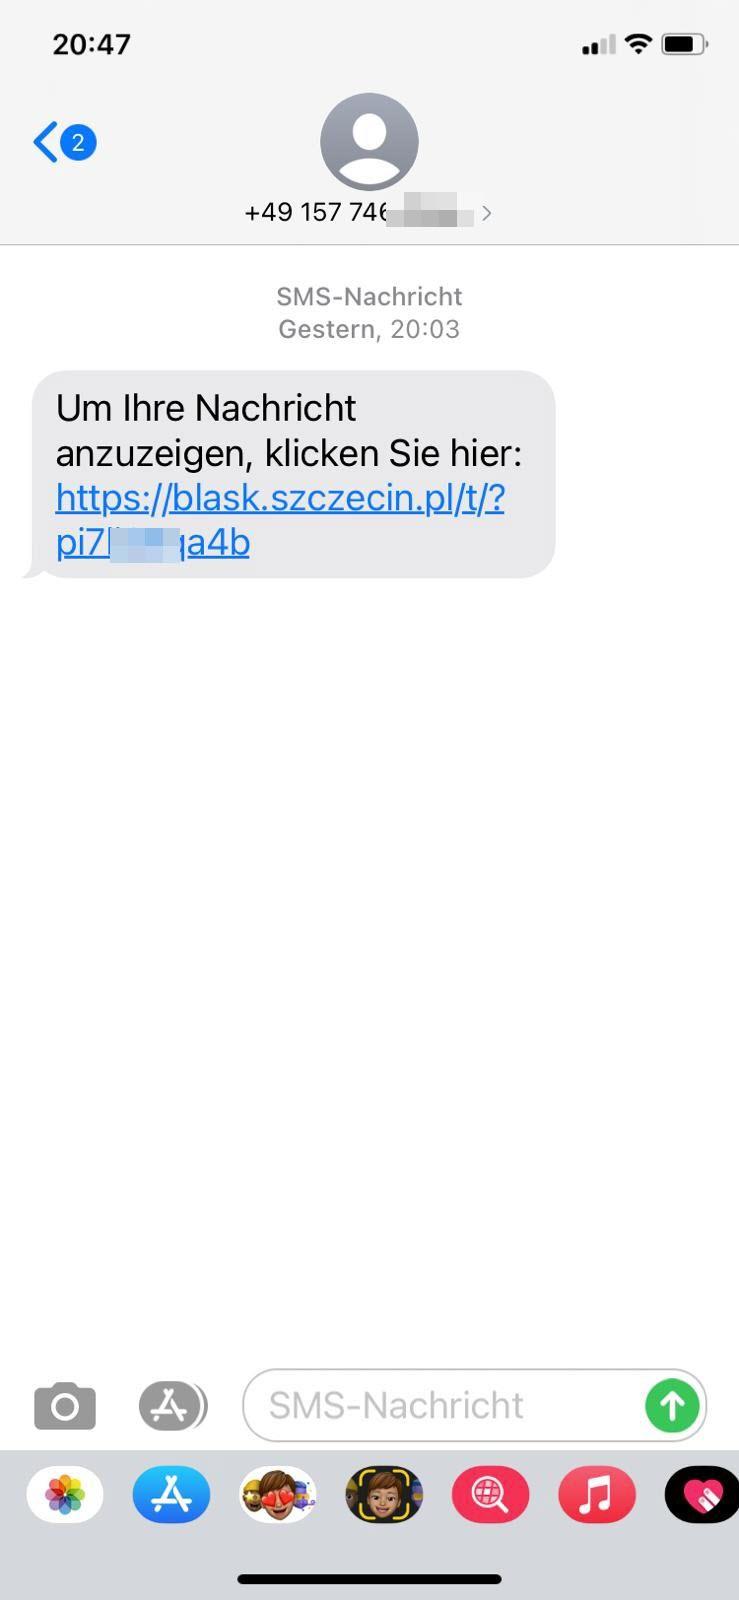 SMS mit Paketbenachrichtigungslink verursacht massenhafte SMS ...